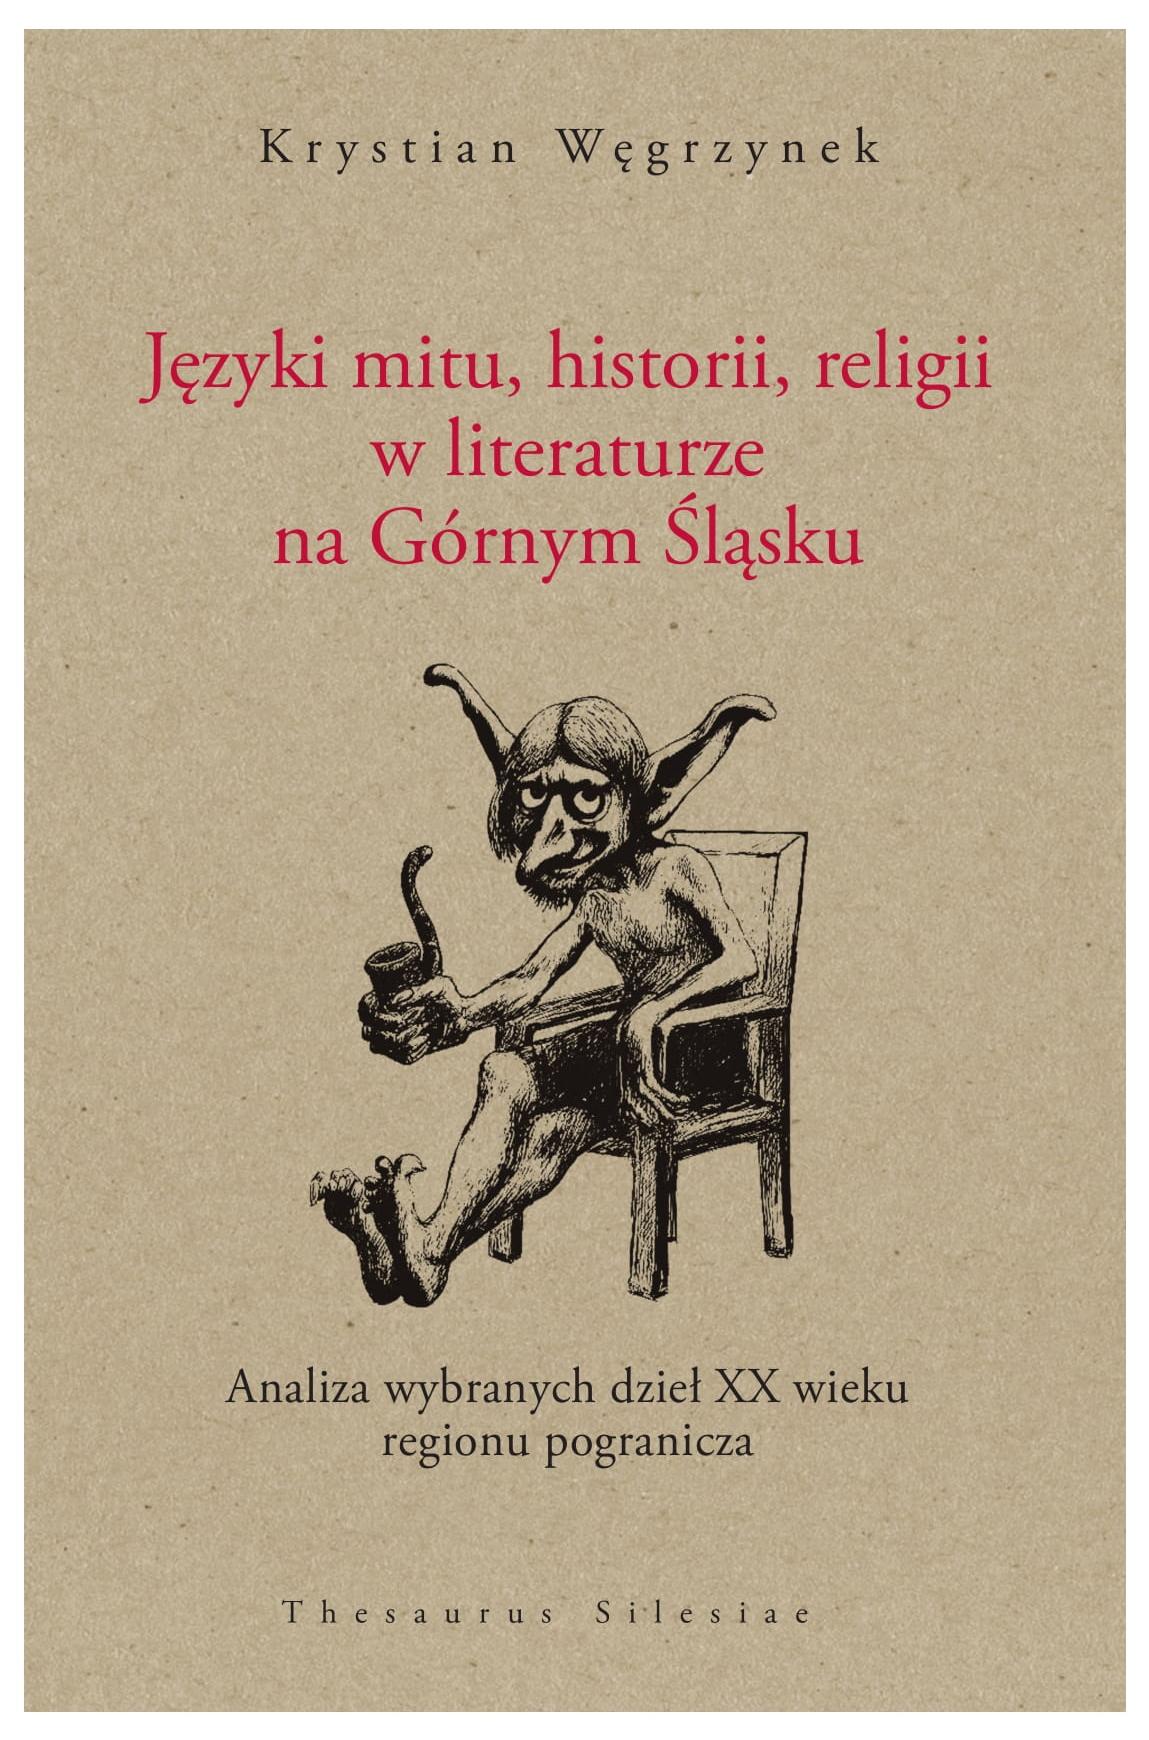 """Krystian Węgrzynek, """"Języki mitu, historii, religii w literaturze na Górnym Śląsku"""" (źródło: materiały prasowe organizatora)"""